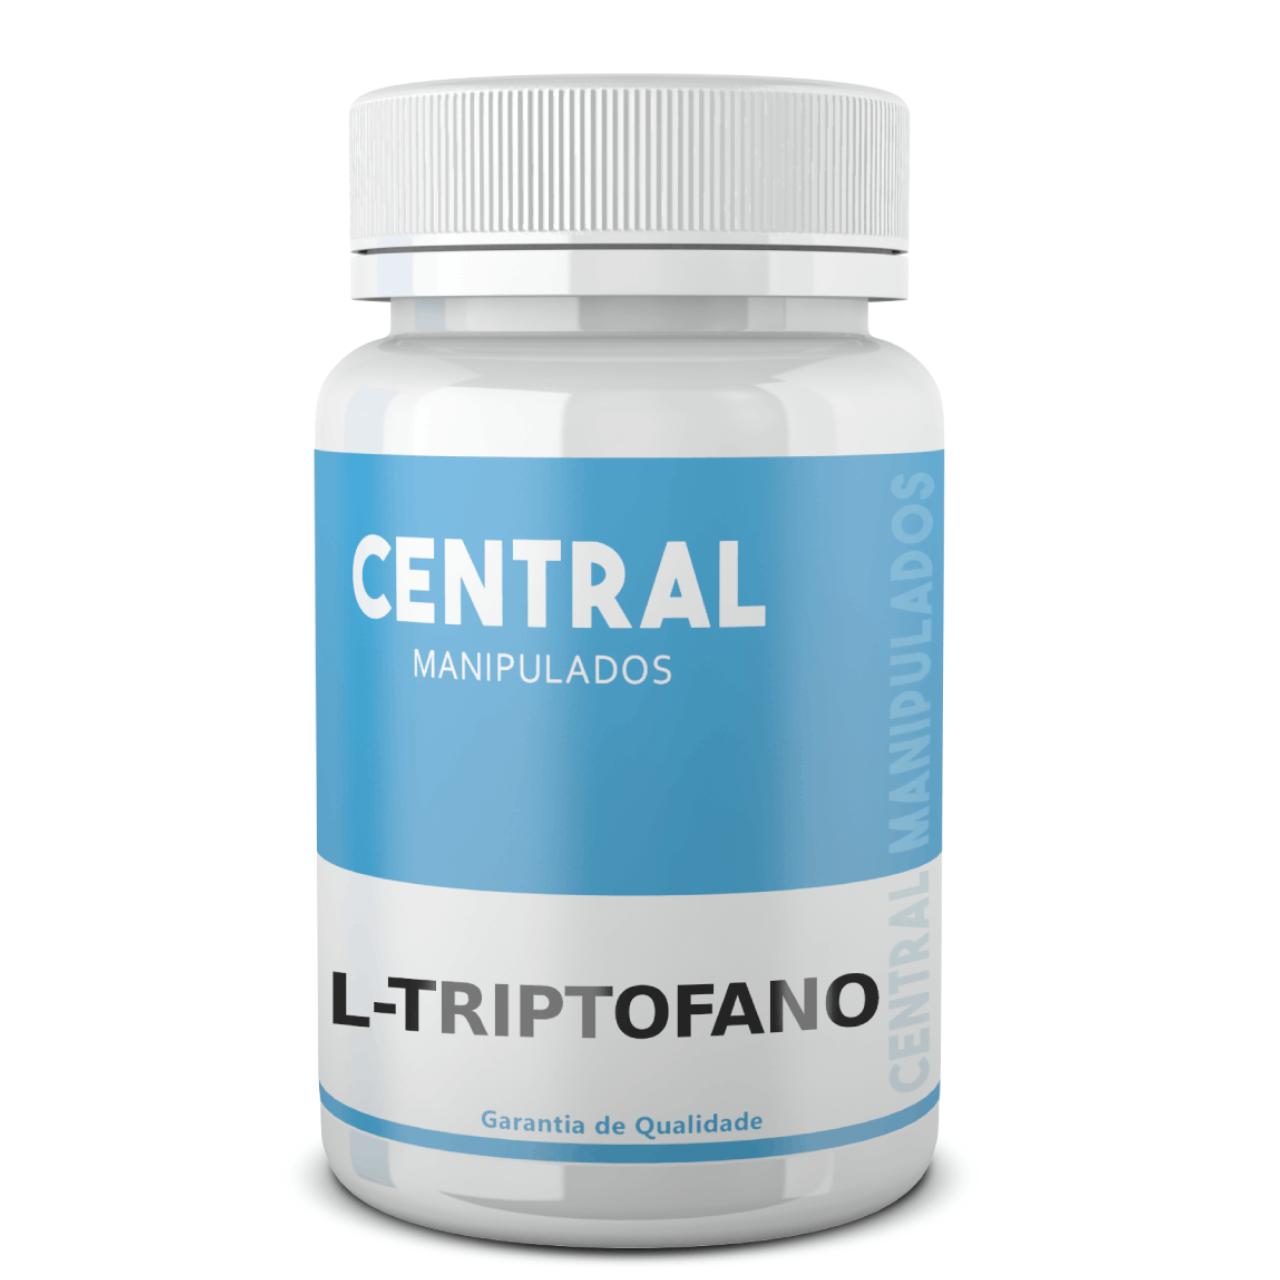 L Triptofano 500 mg - 120 cápsulas - Auxílio no Tratamento de Ansiedade Leve